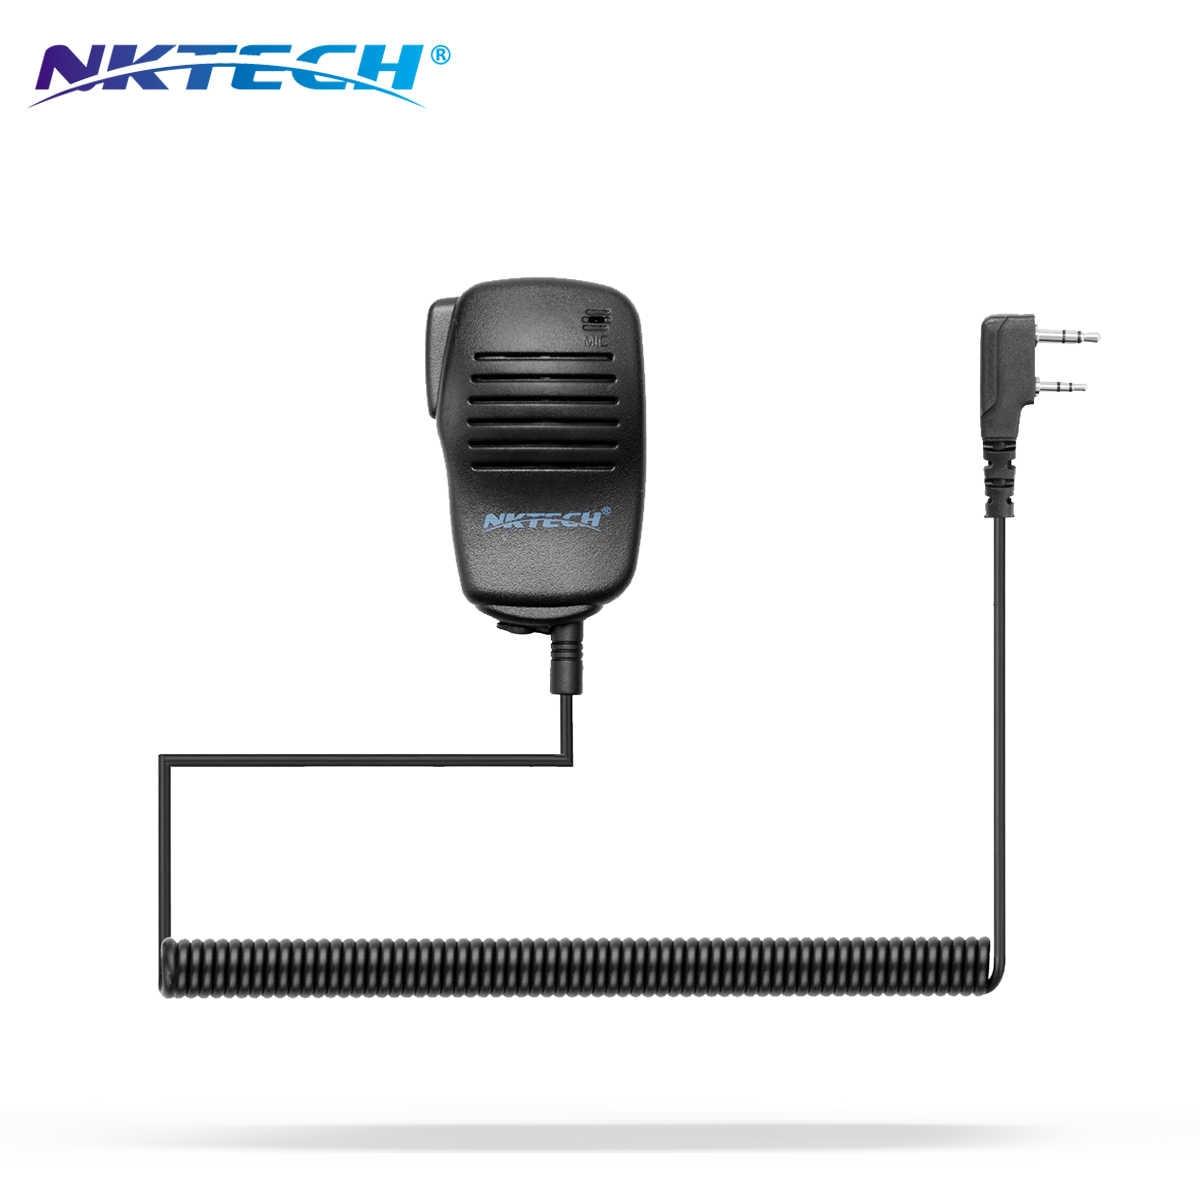 NKTECH Portable Haut-Parleur Micro NK-S113 Pour WOUXUN KG-UV9D KG-UV8D PLUS KG-UV6D Pro BaoFeng UV-82 UV-5R UV-5X GT-3 GT-5 DM-5R